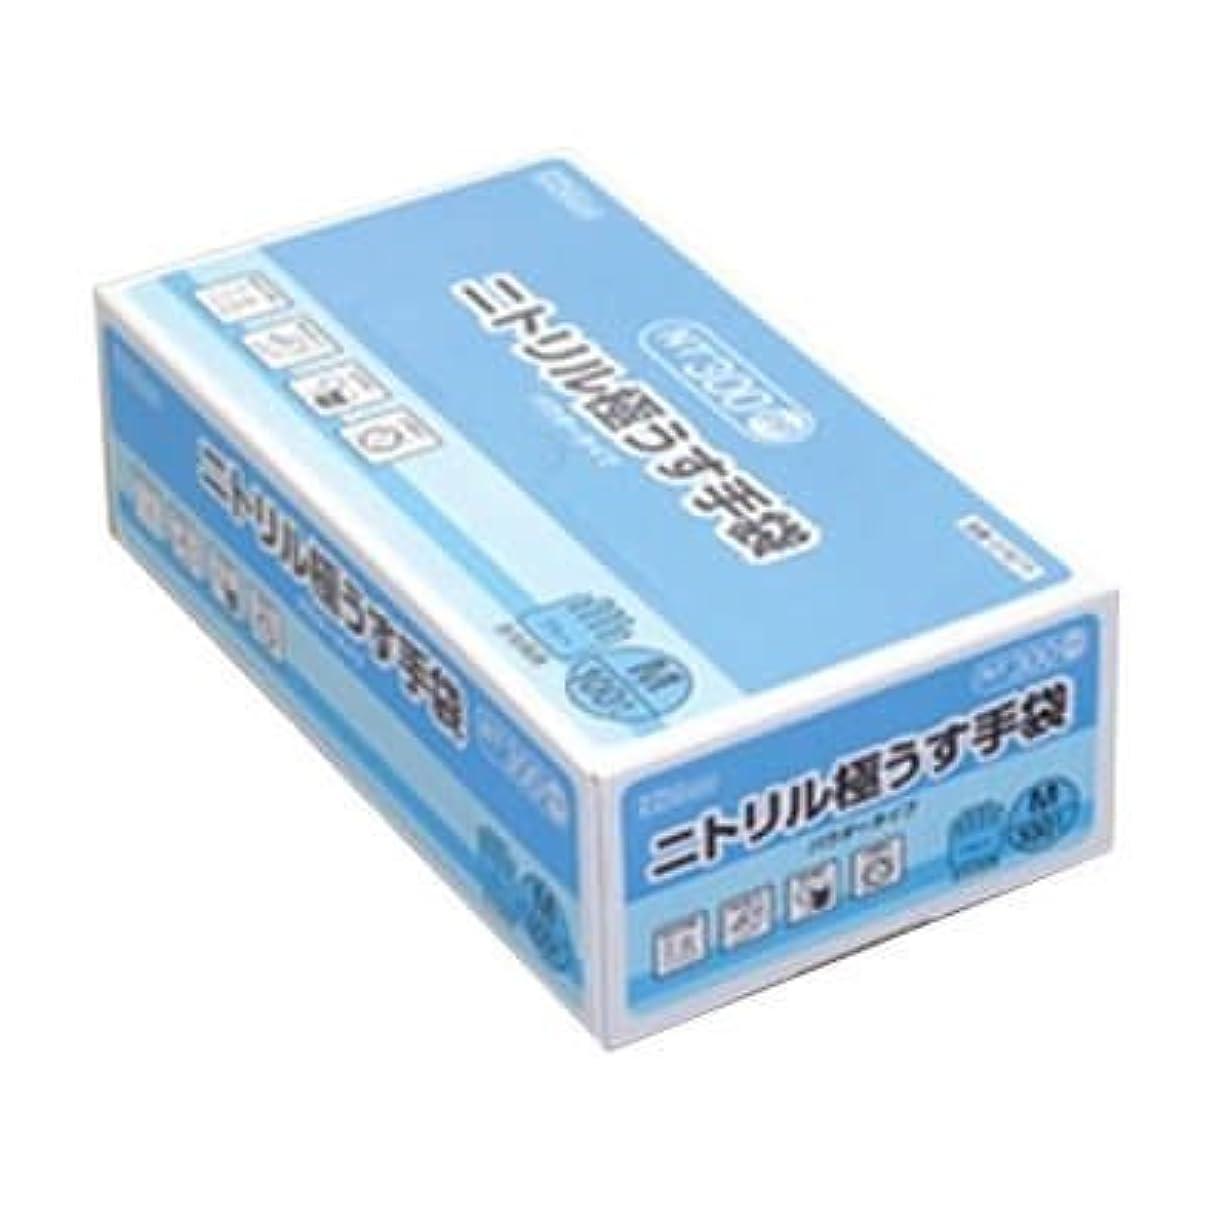 広範囲速報マングル【ケース販売】 ダンロップ ニトリル極うす手袋 粉付 M ブルー NT-300 (100枚入×20箱)